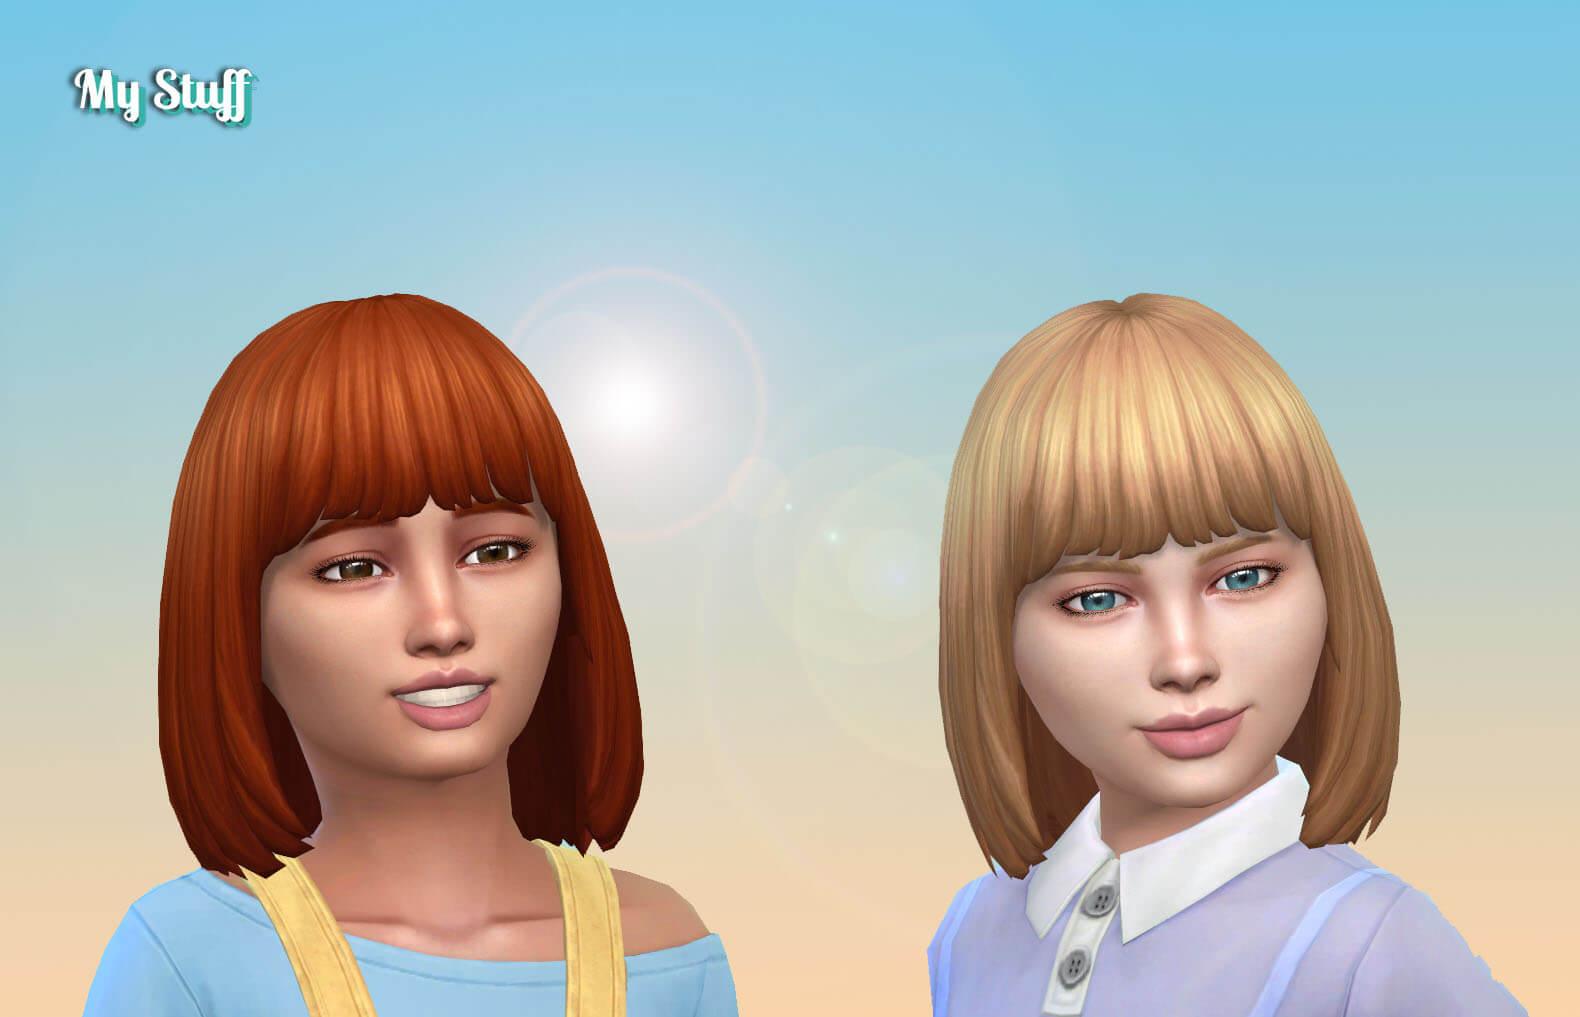 Alyssa Hairstyle for Girls